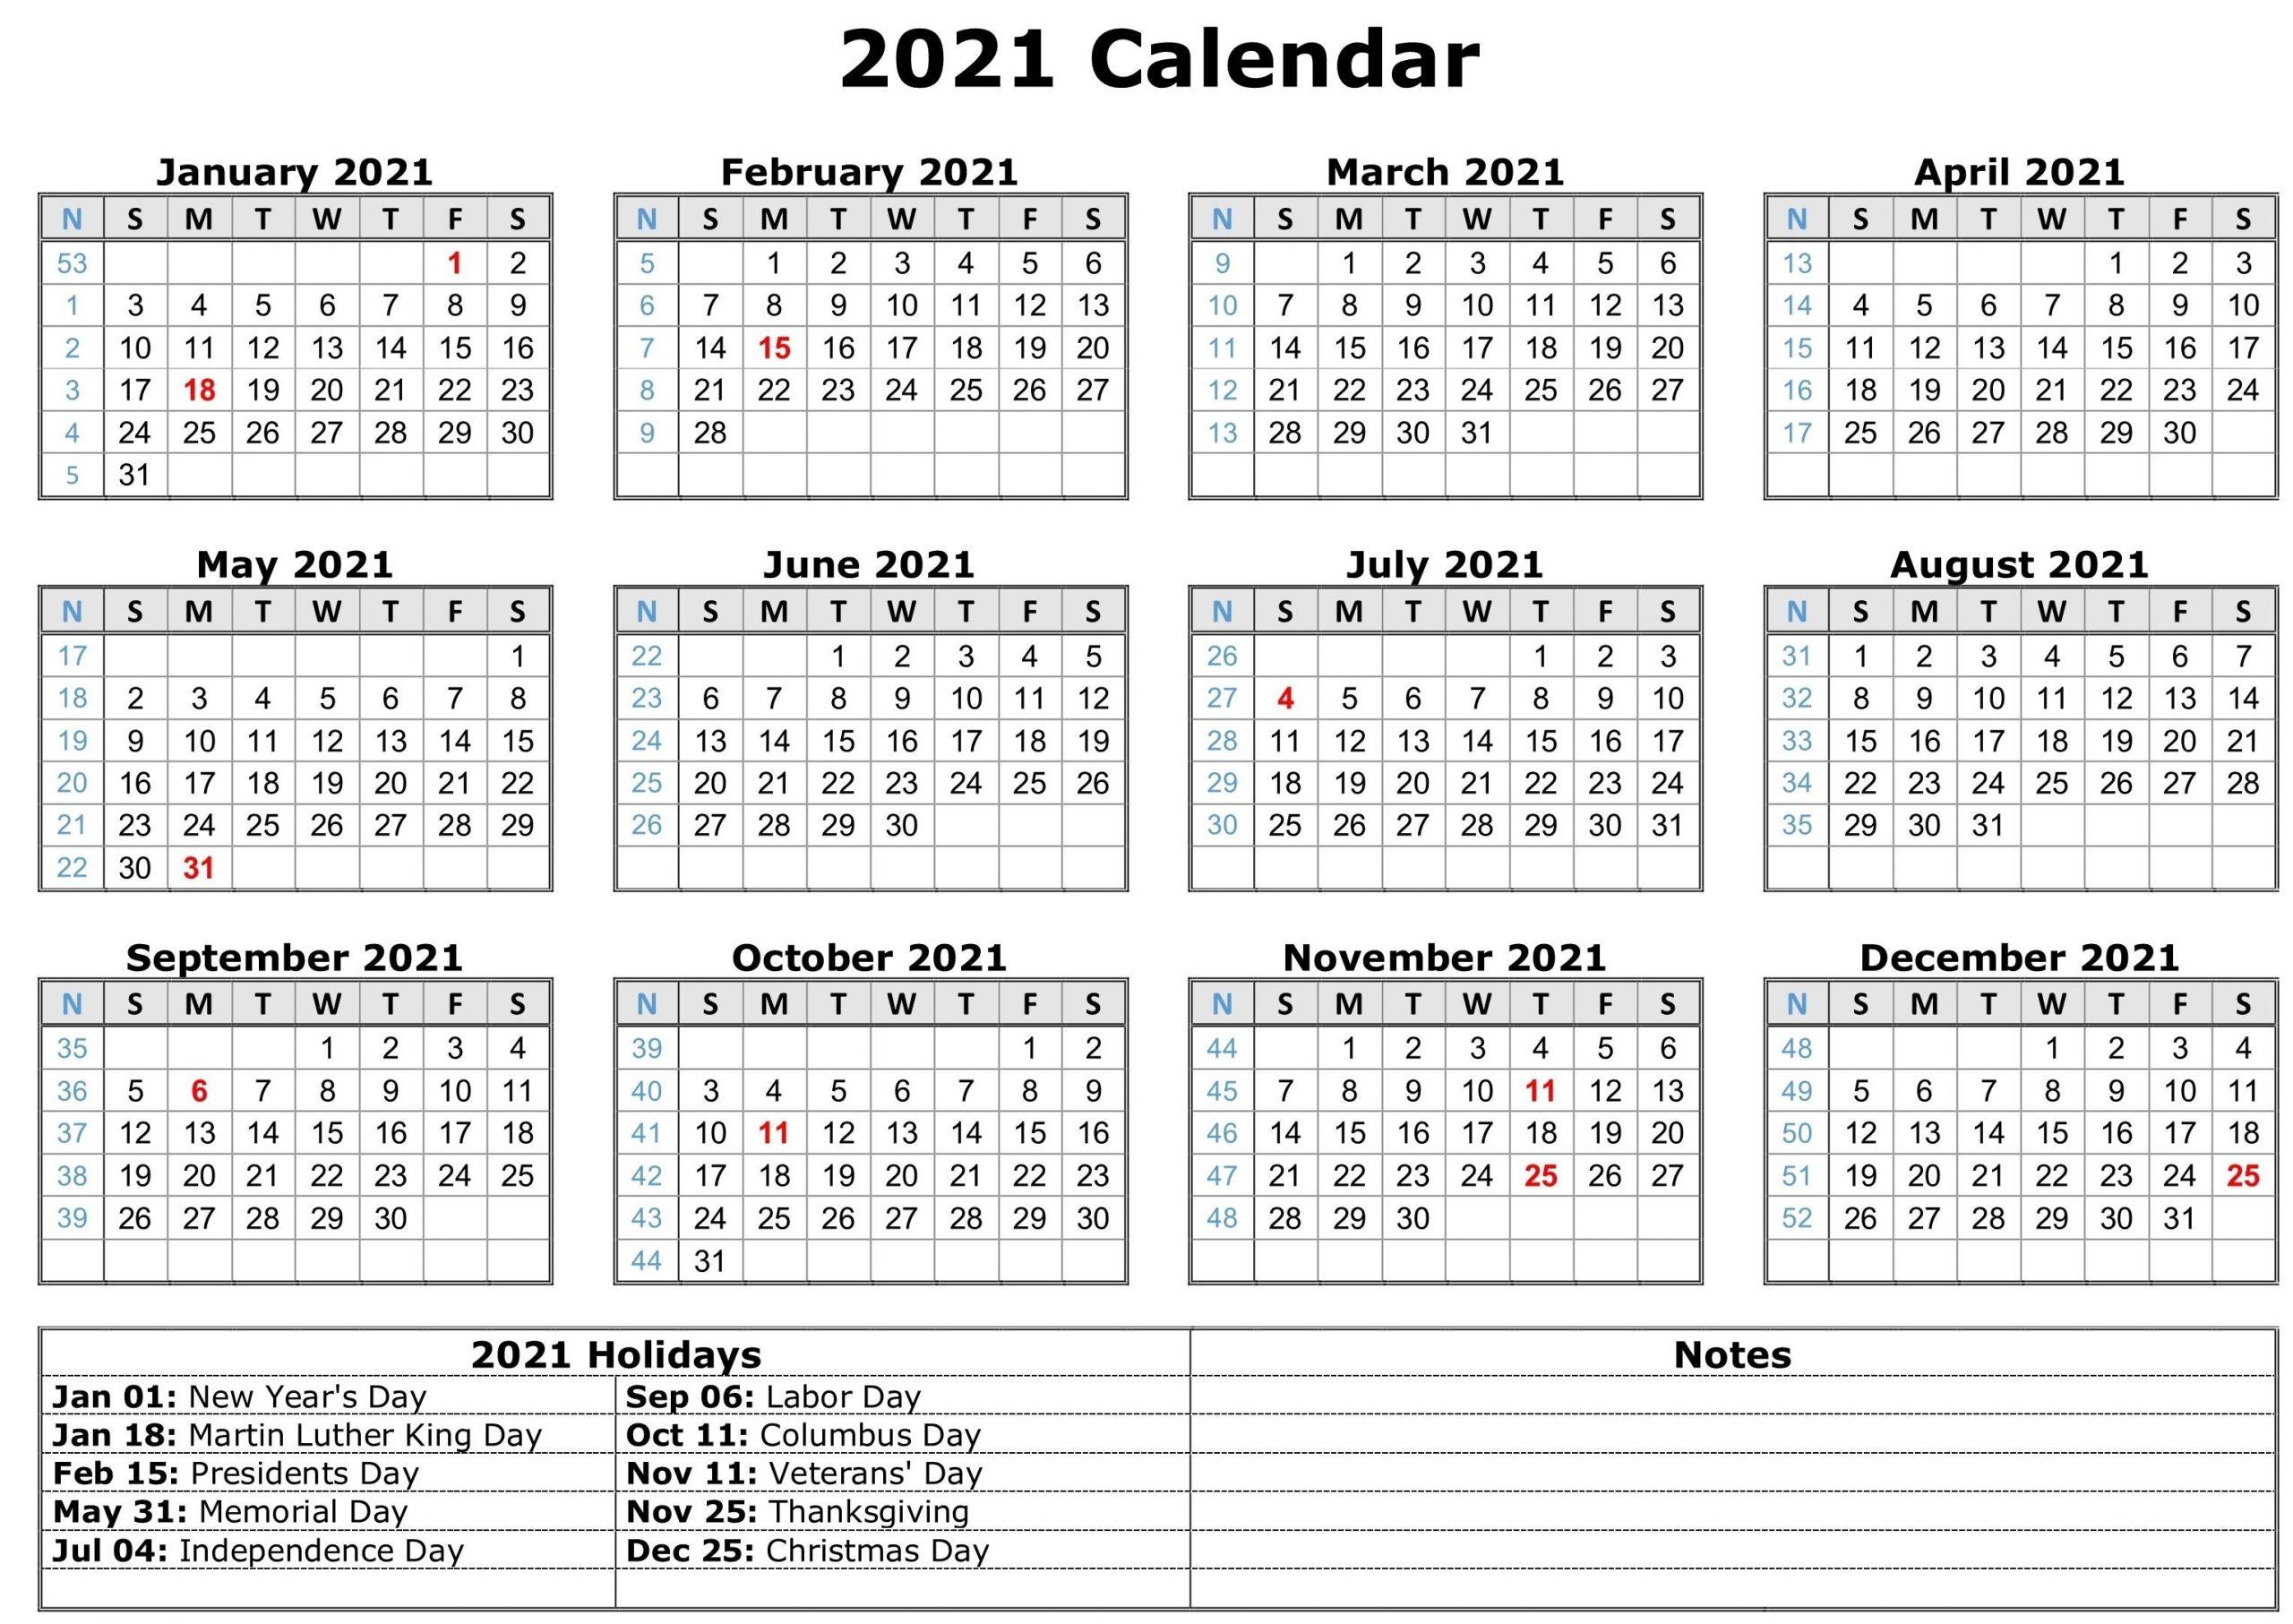 2021 Calendar With Holidays | Free Calendar Template  Calandar 2021 Pdf